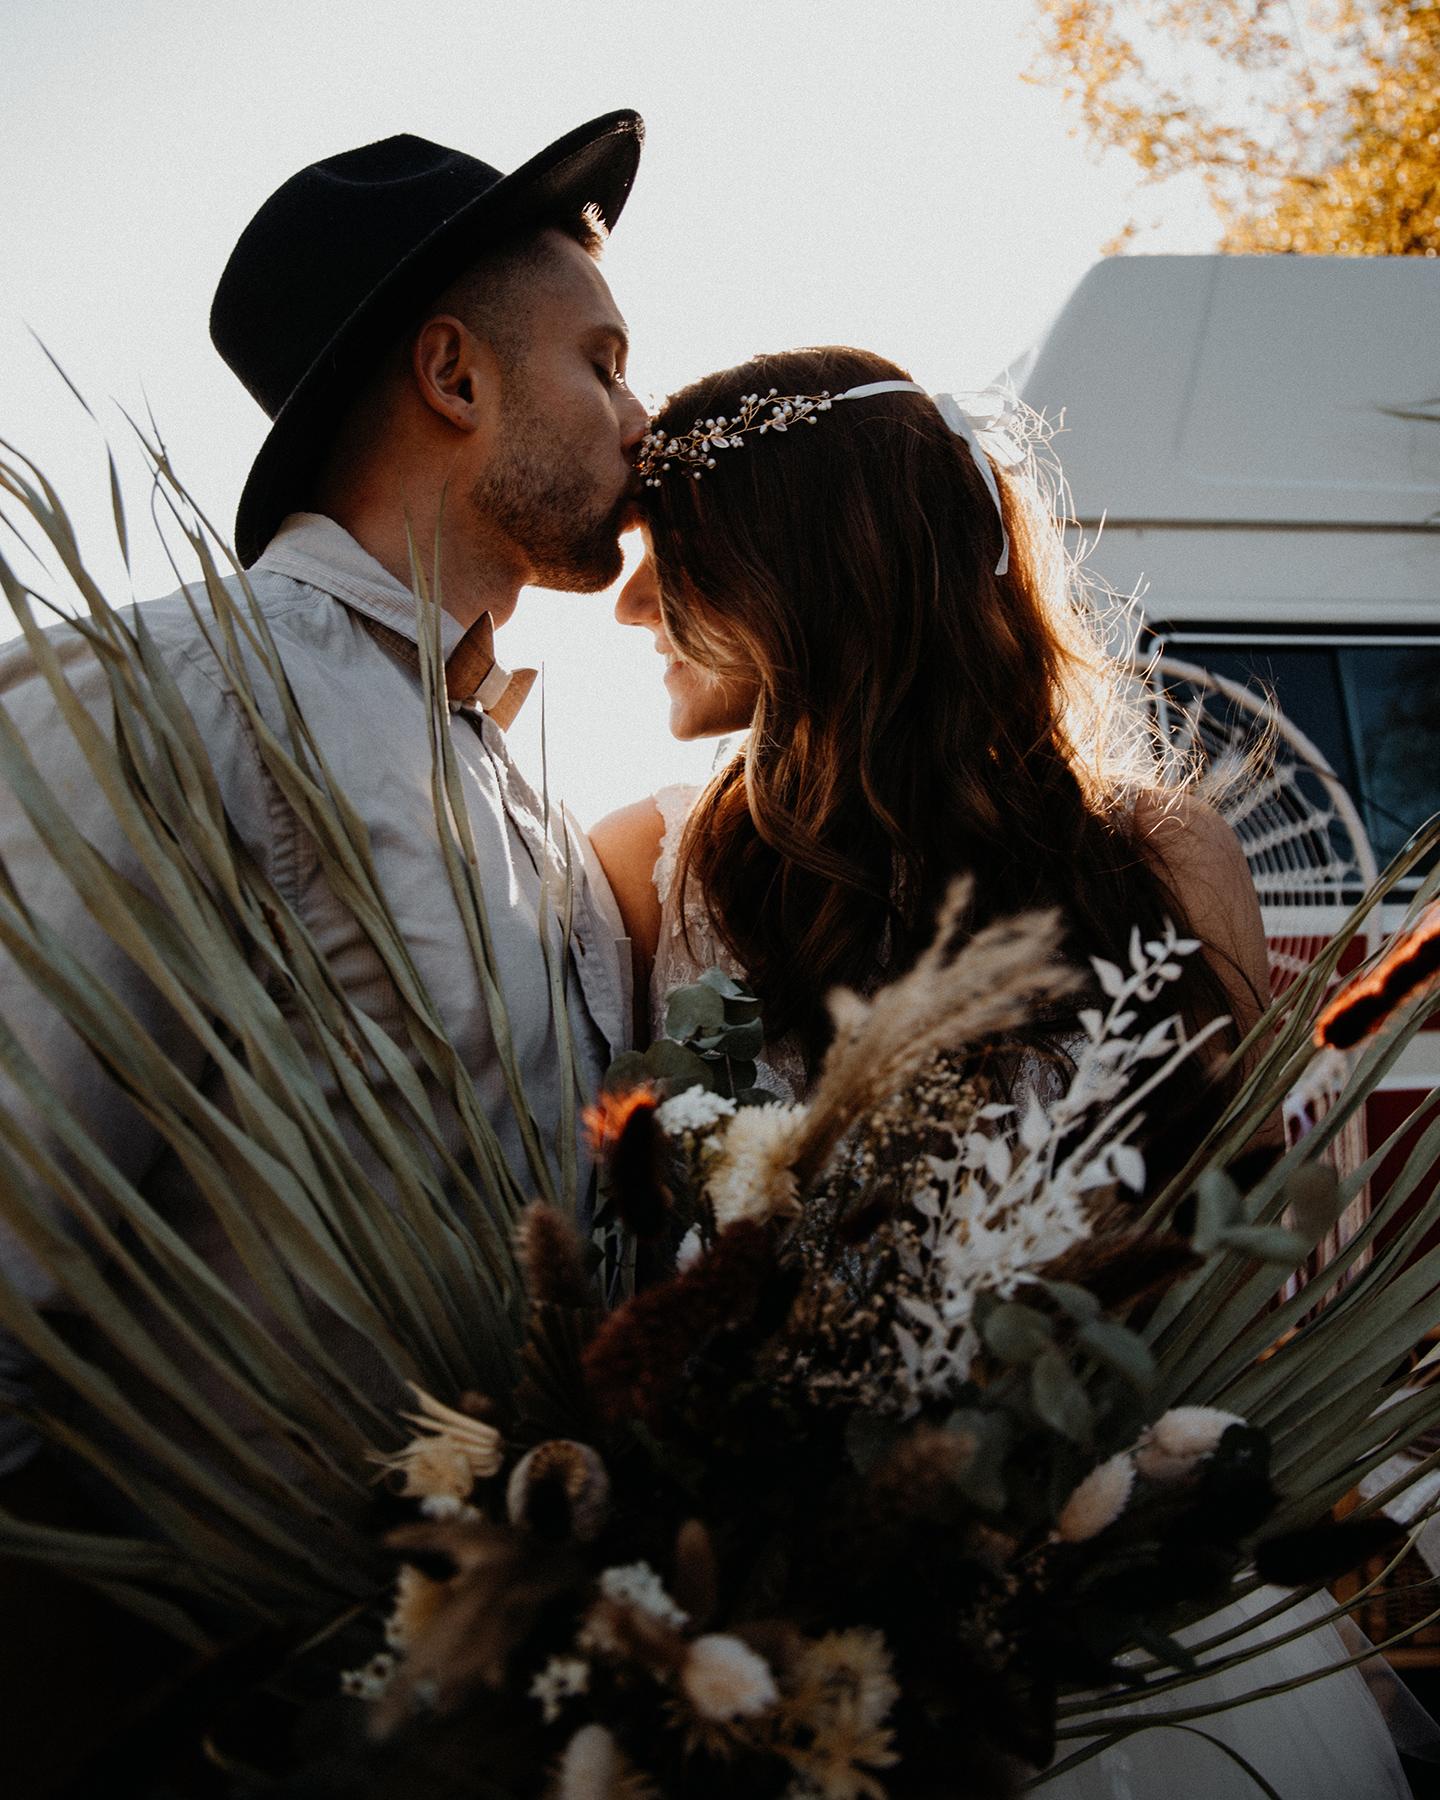 Bräutigam küsst seine Braut im Boho Look auf die Stirn.